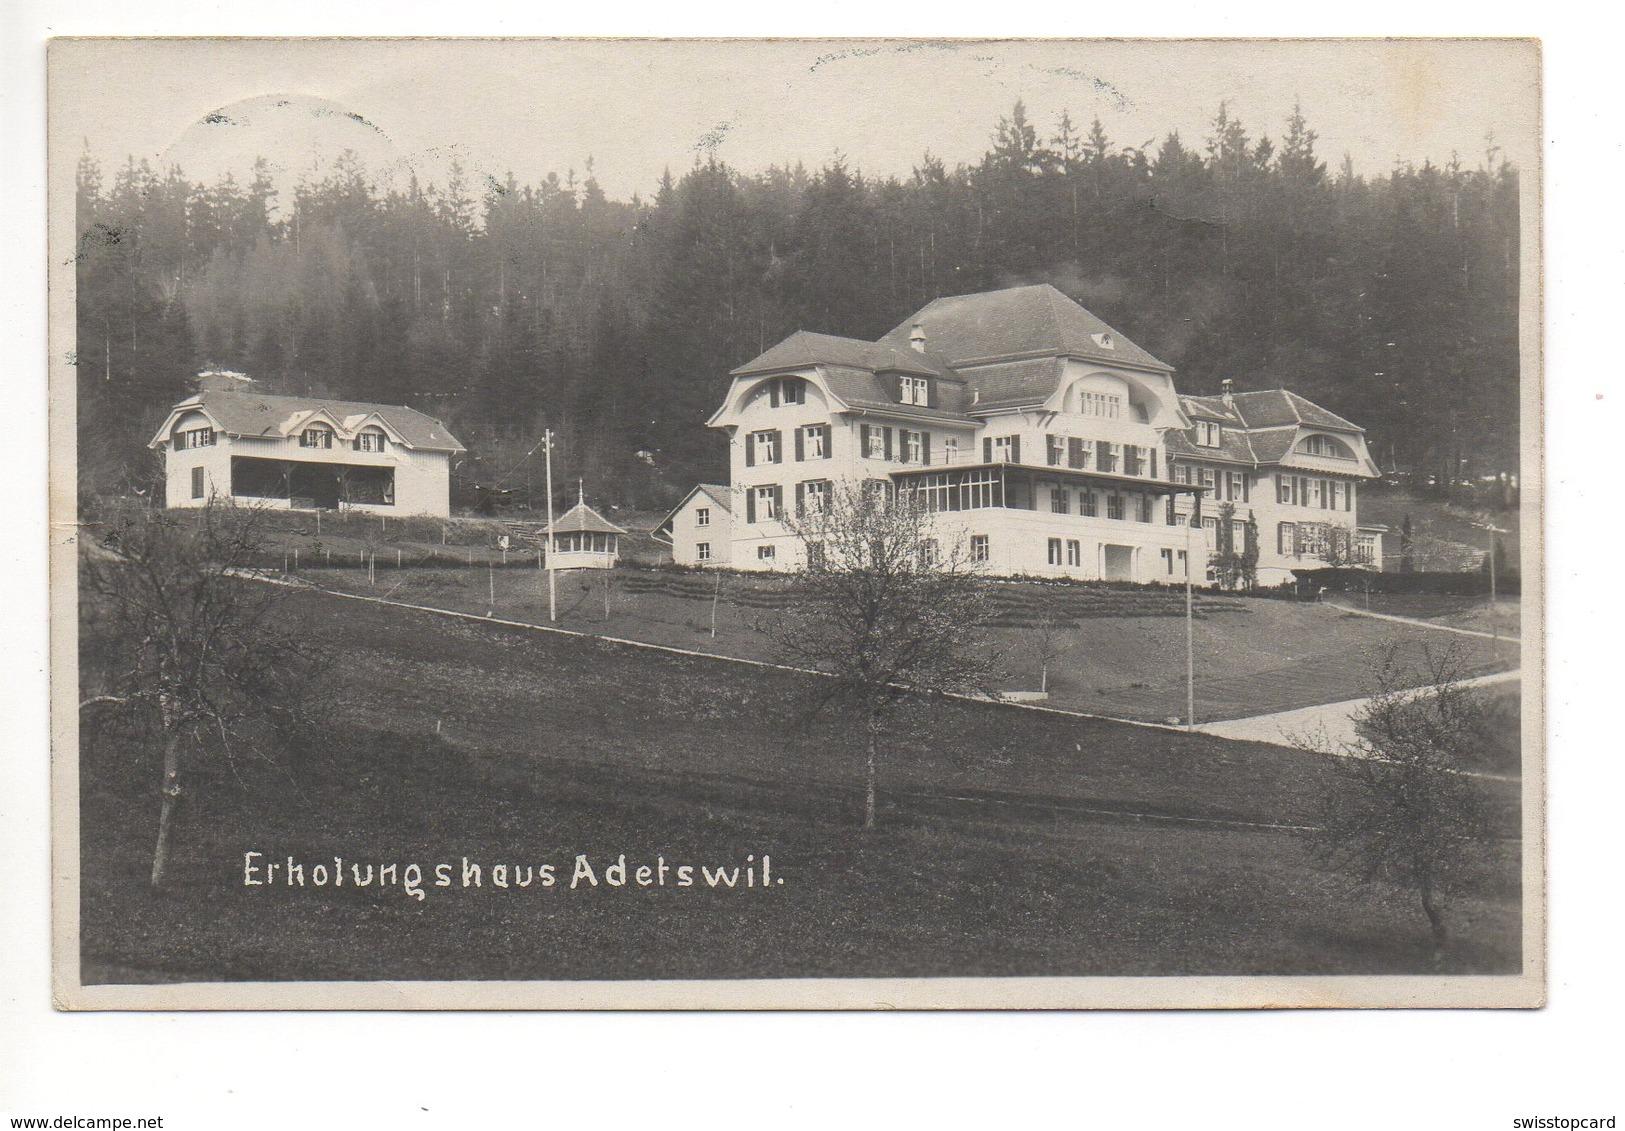 ADETSWIL Erholungshaus Gel. 1921 N. Wald - ZH Zurich